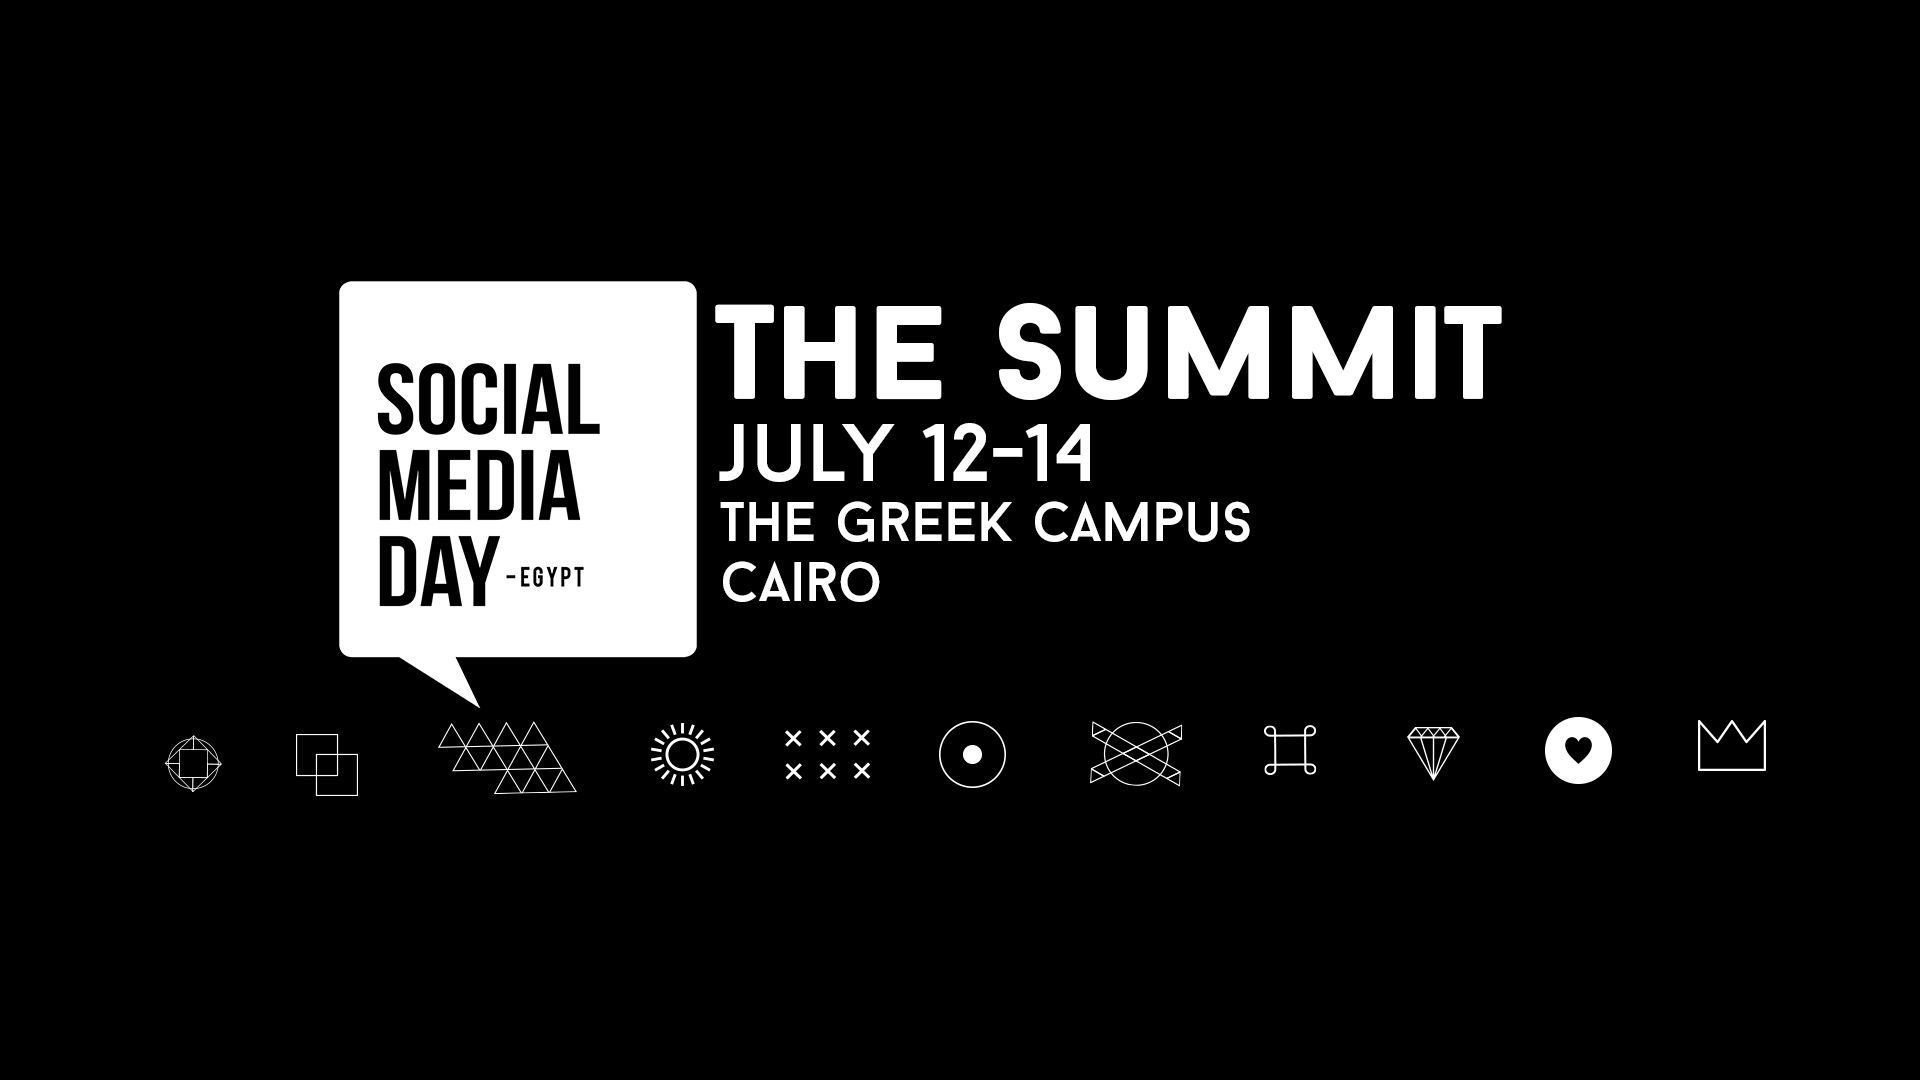 مؤتمر مواقع التواصل الاجتماعي - Social Media Day